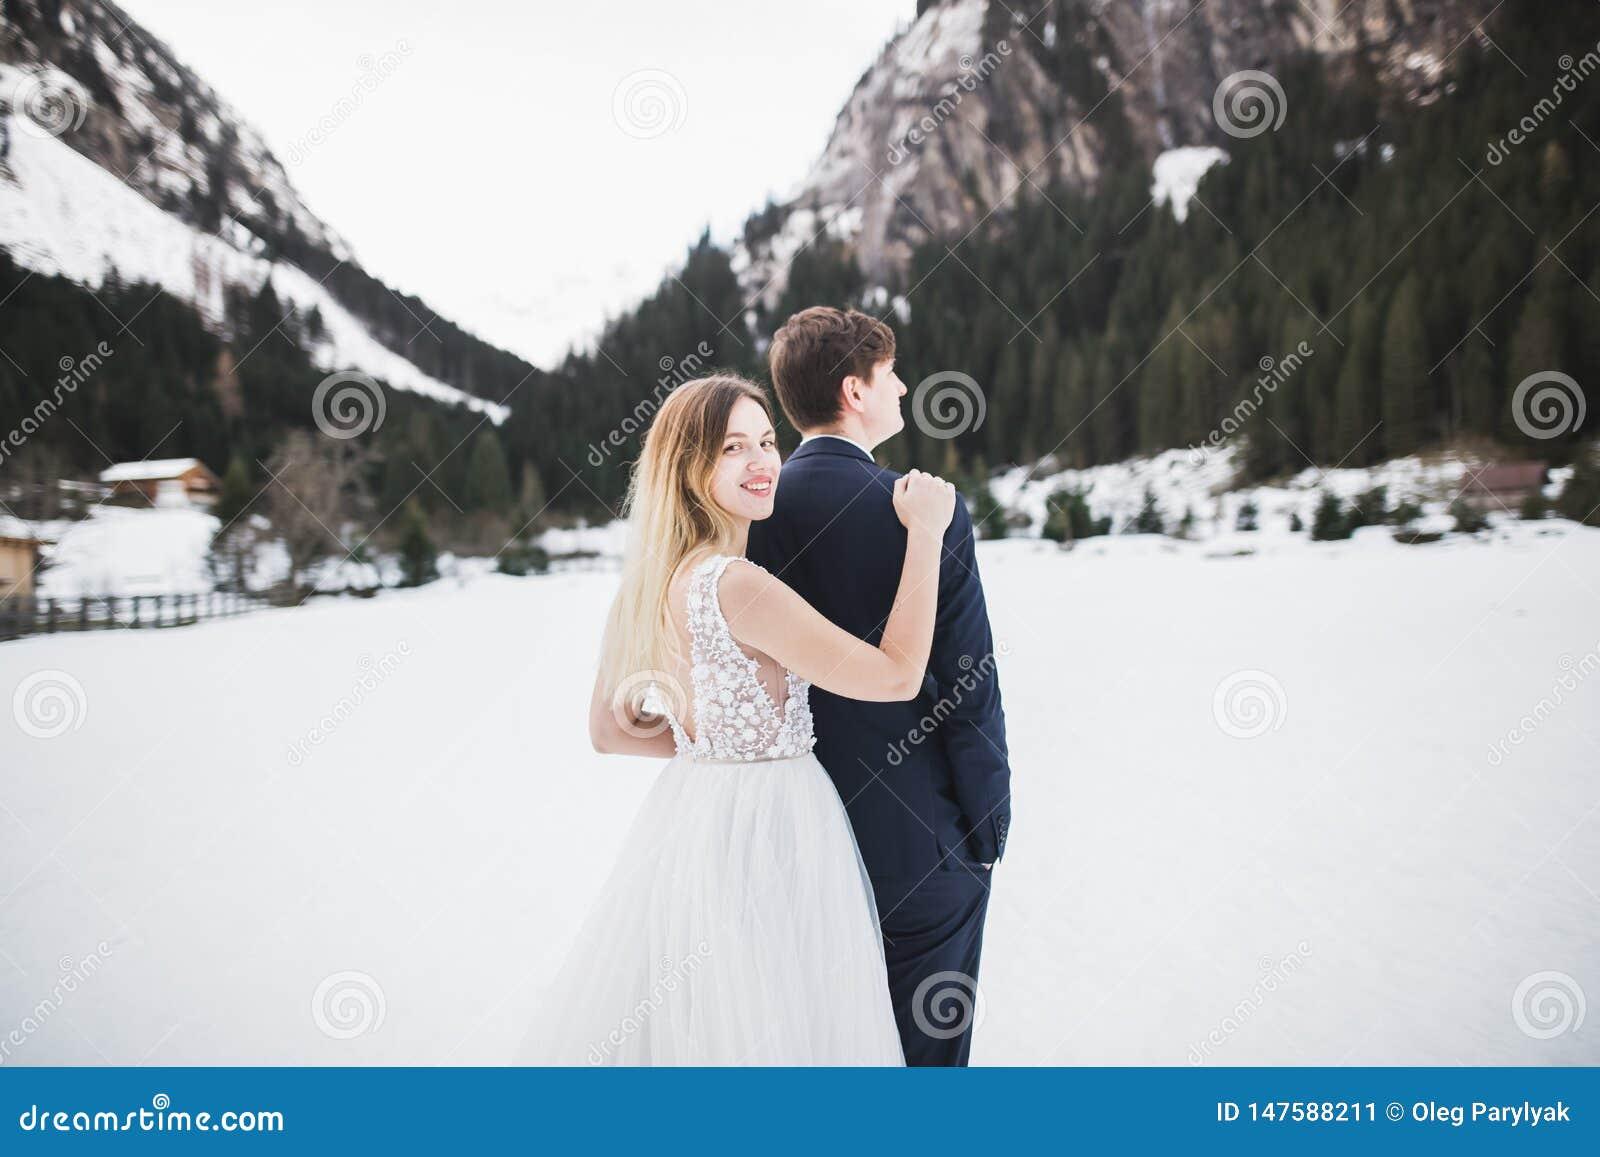 Heiratspaar auf der Natur umarmt sich Sch?nes vorbildliches M?dchen im wei?en Kleid Mann in der Klage